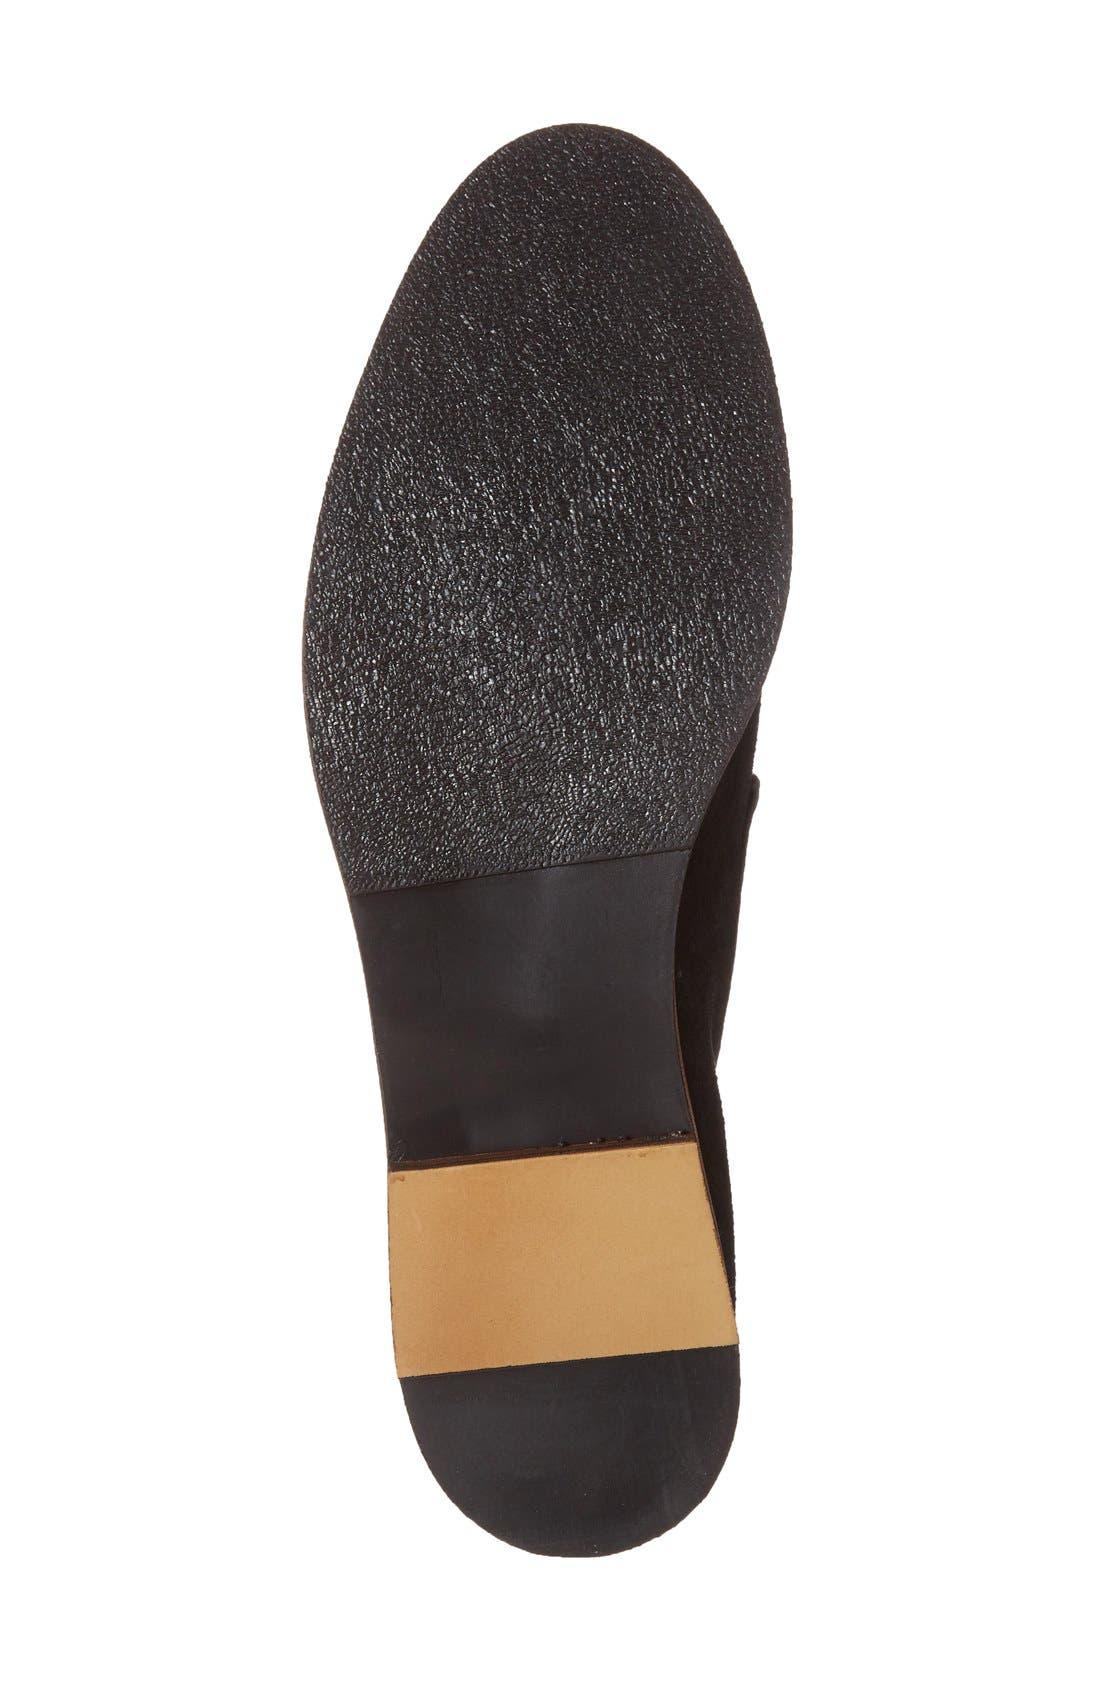 Alternate Image 4  - Dune London 'Gales' Tasseled Venetian Loafer (Women)